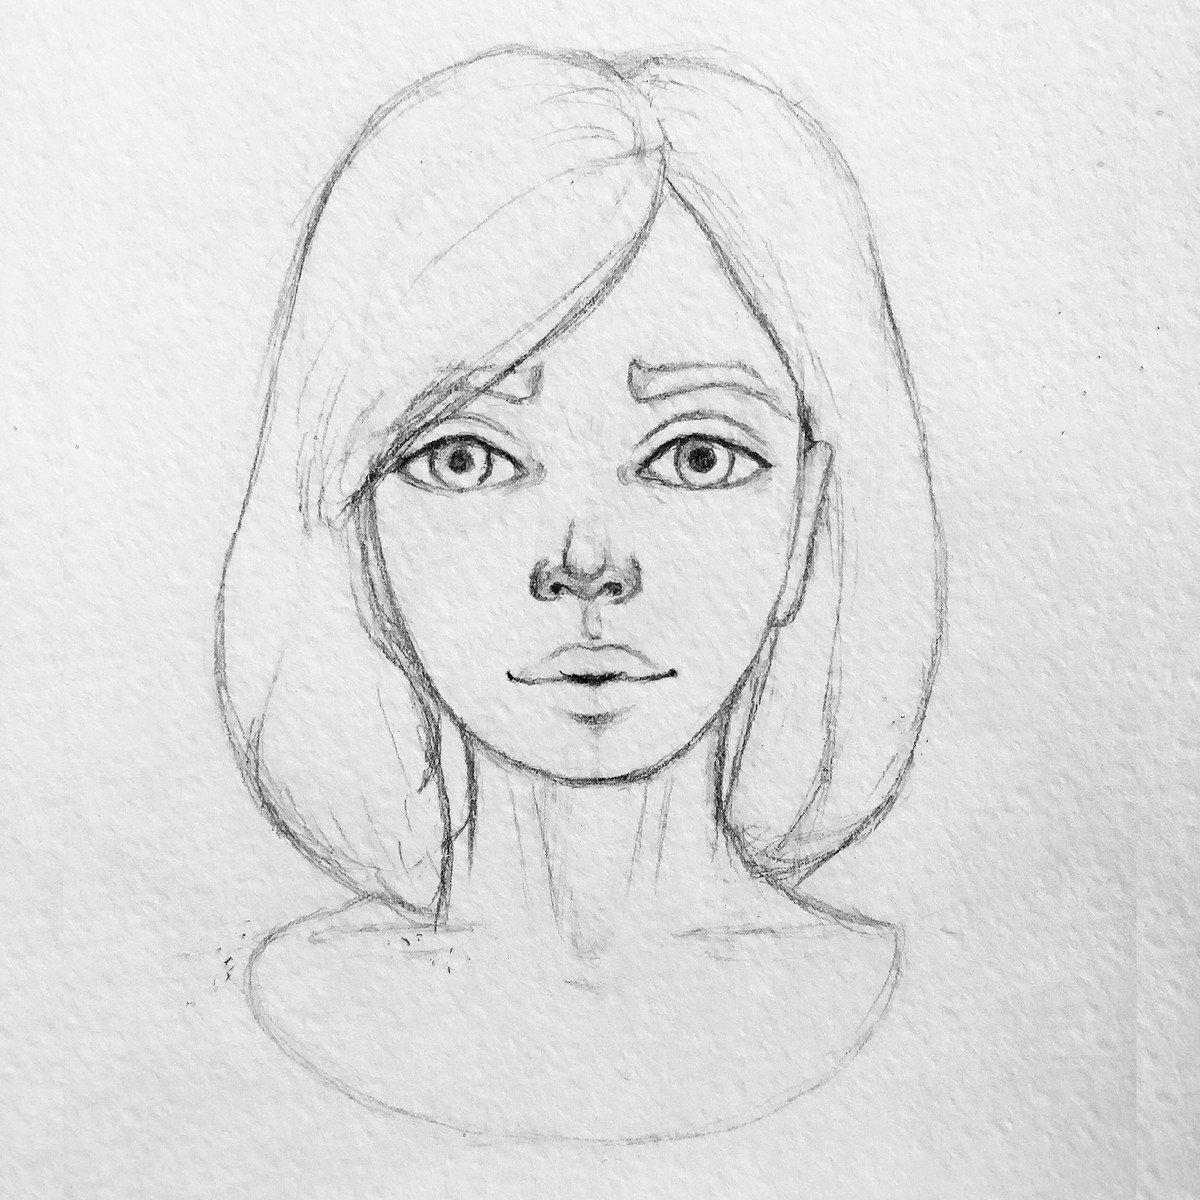 рисунки человека для начинающих карандашом имеет три вариации